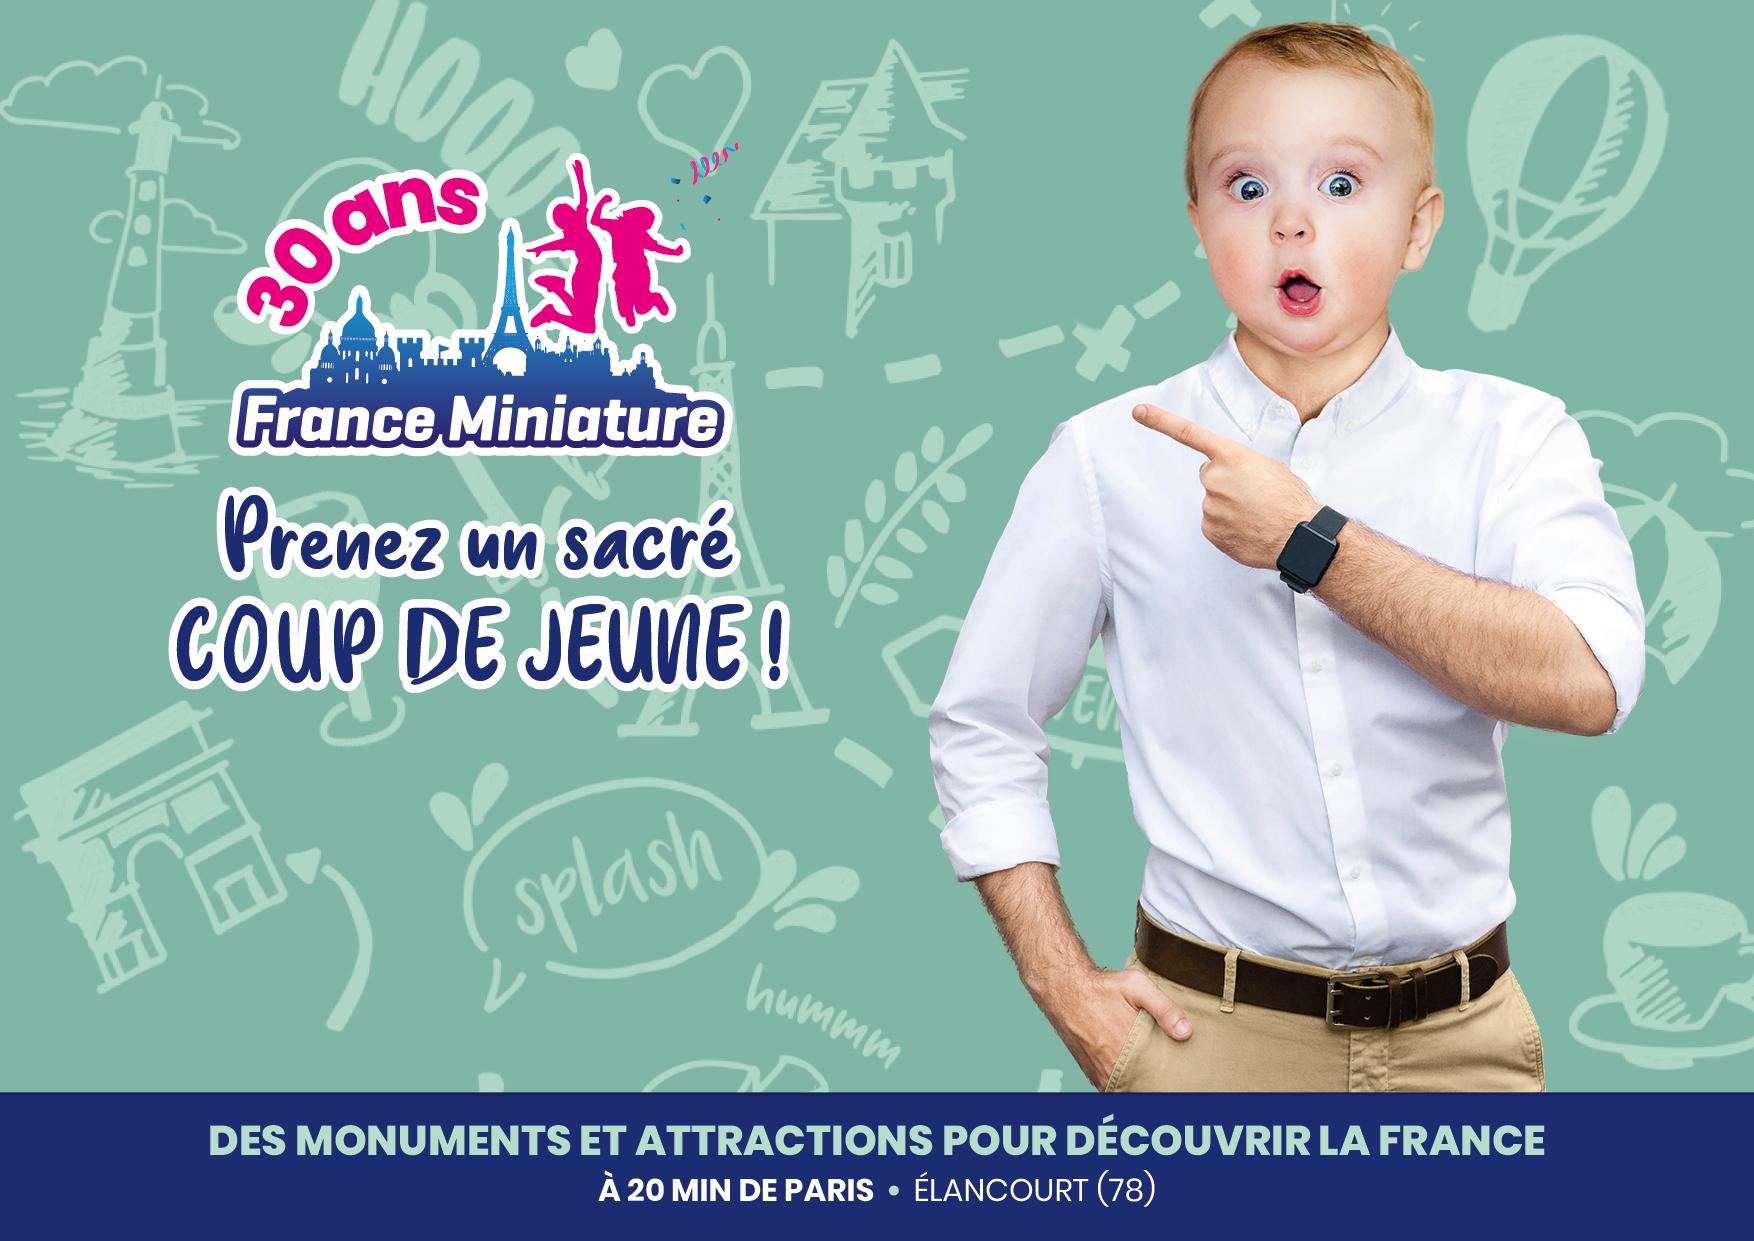 [Nés en 1991] Entrée gratuite au parc France Miniature jusqu'en Novembre 2021 - Elancourt (78)